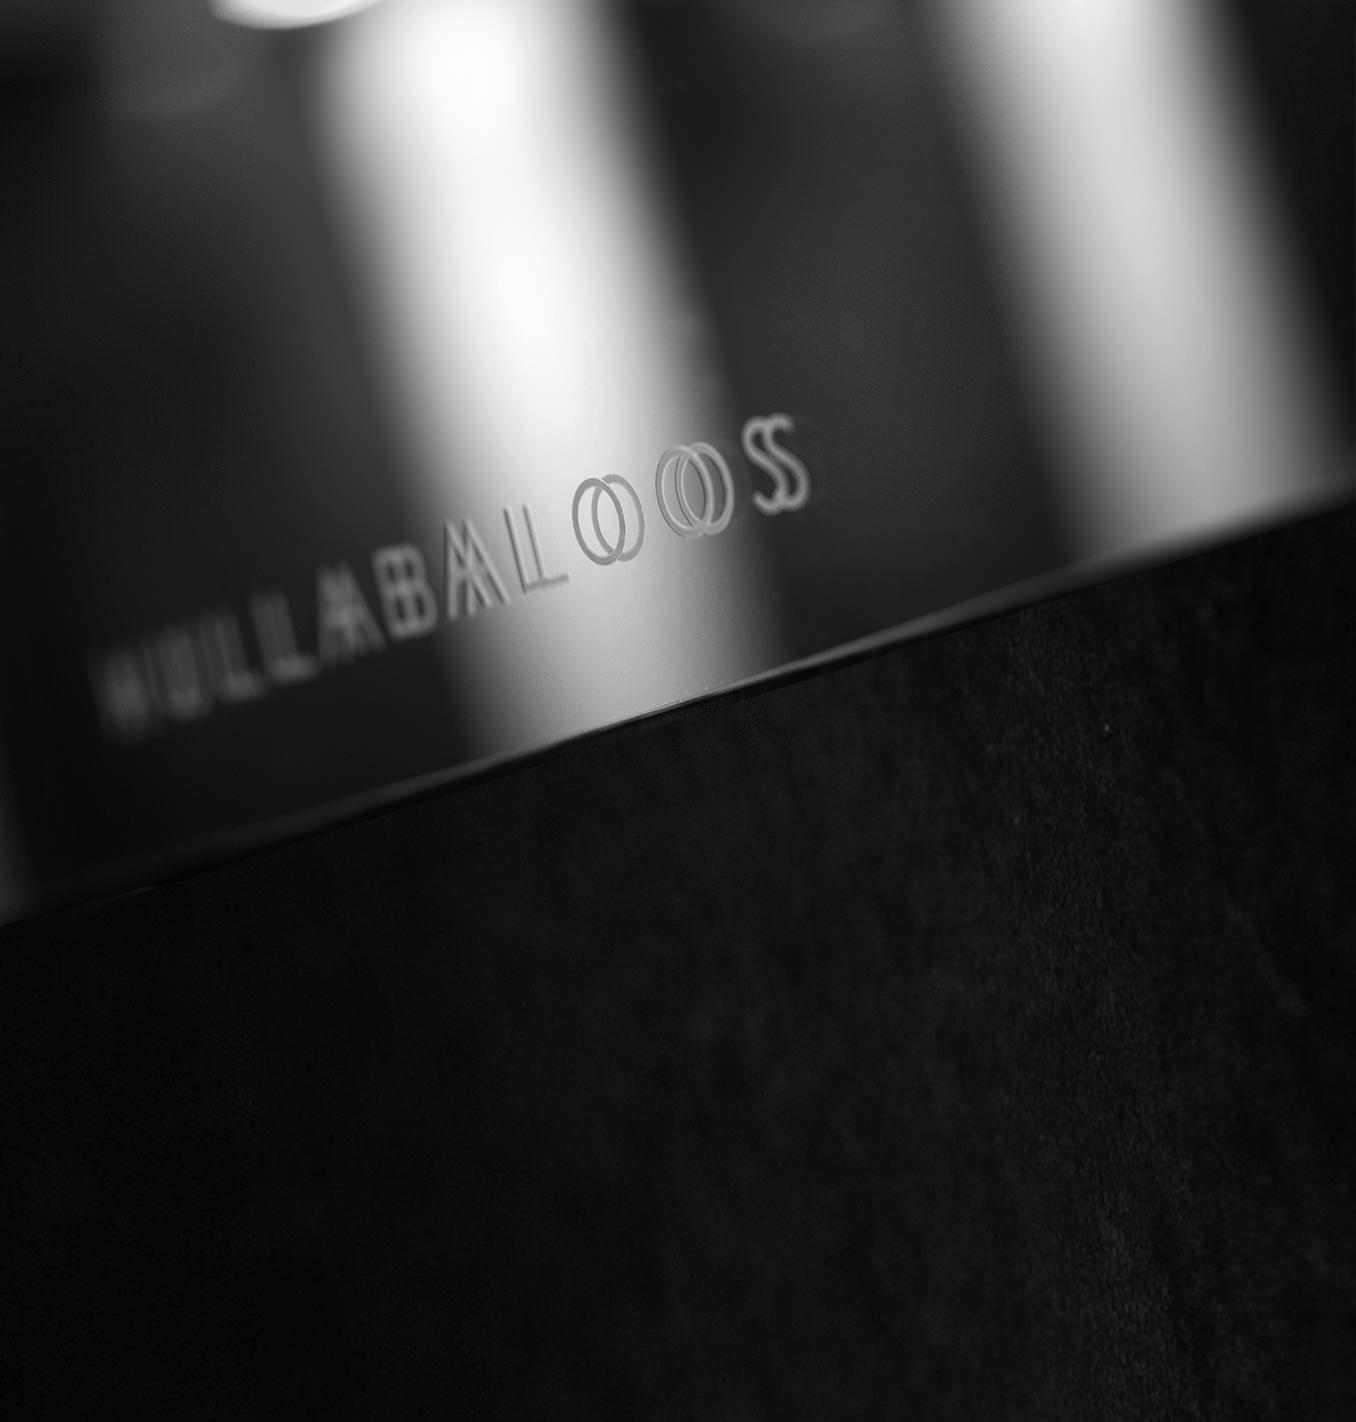 Photo of the Hullabaloos name